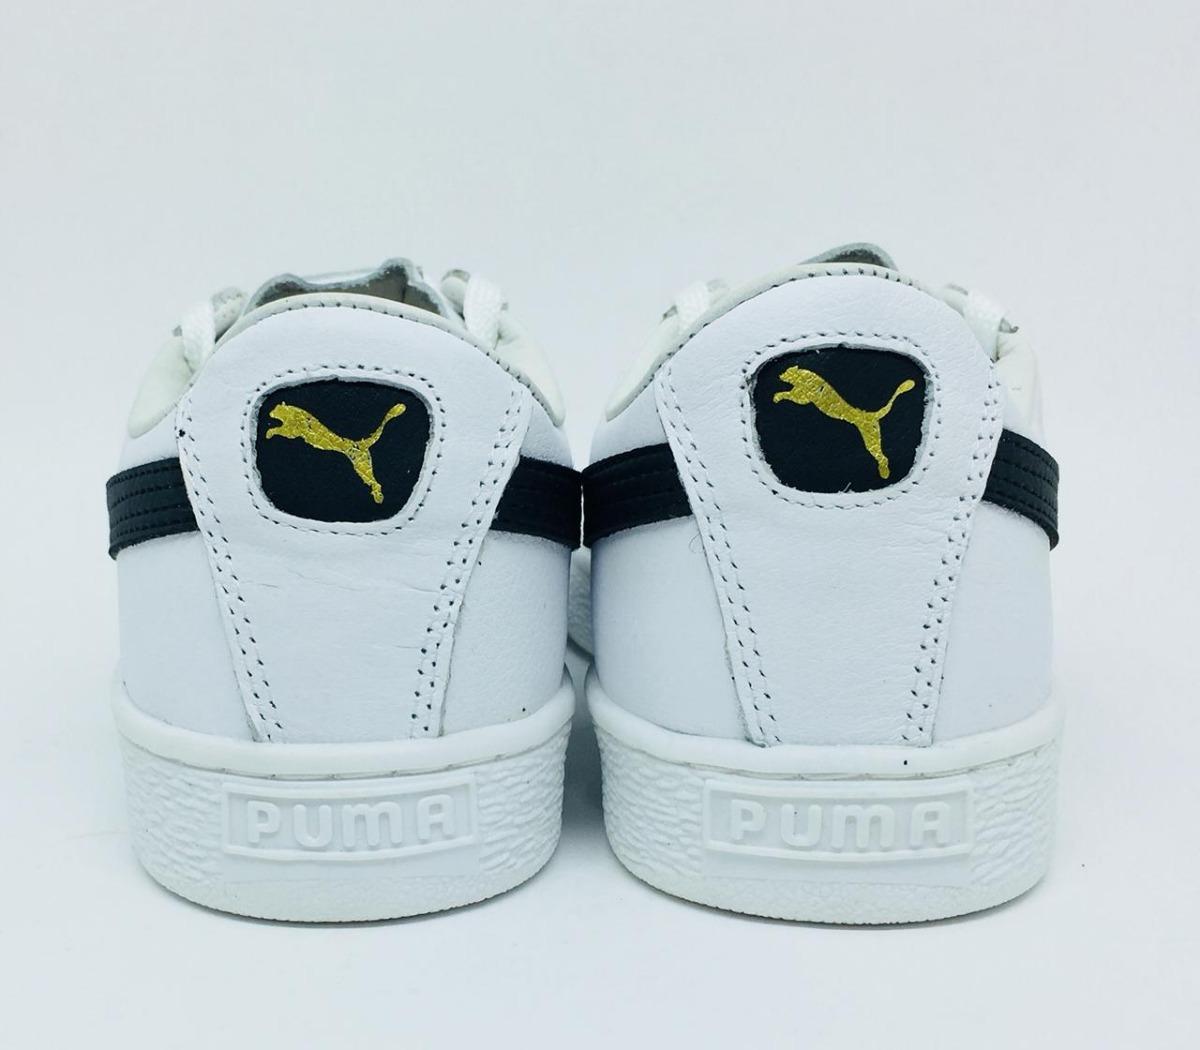 e40688ecb0e tênis puma suede -lançamento -branco com preto - masculino. Carregando zoom.